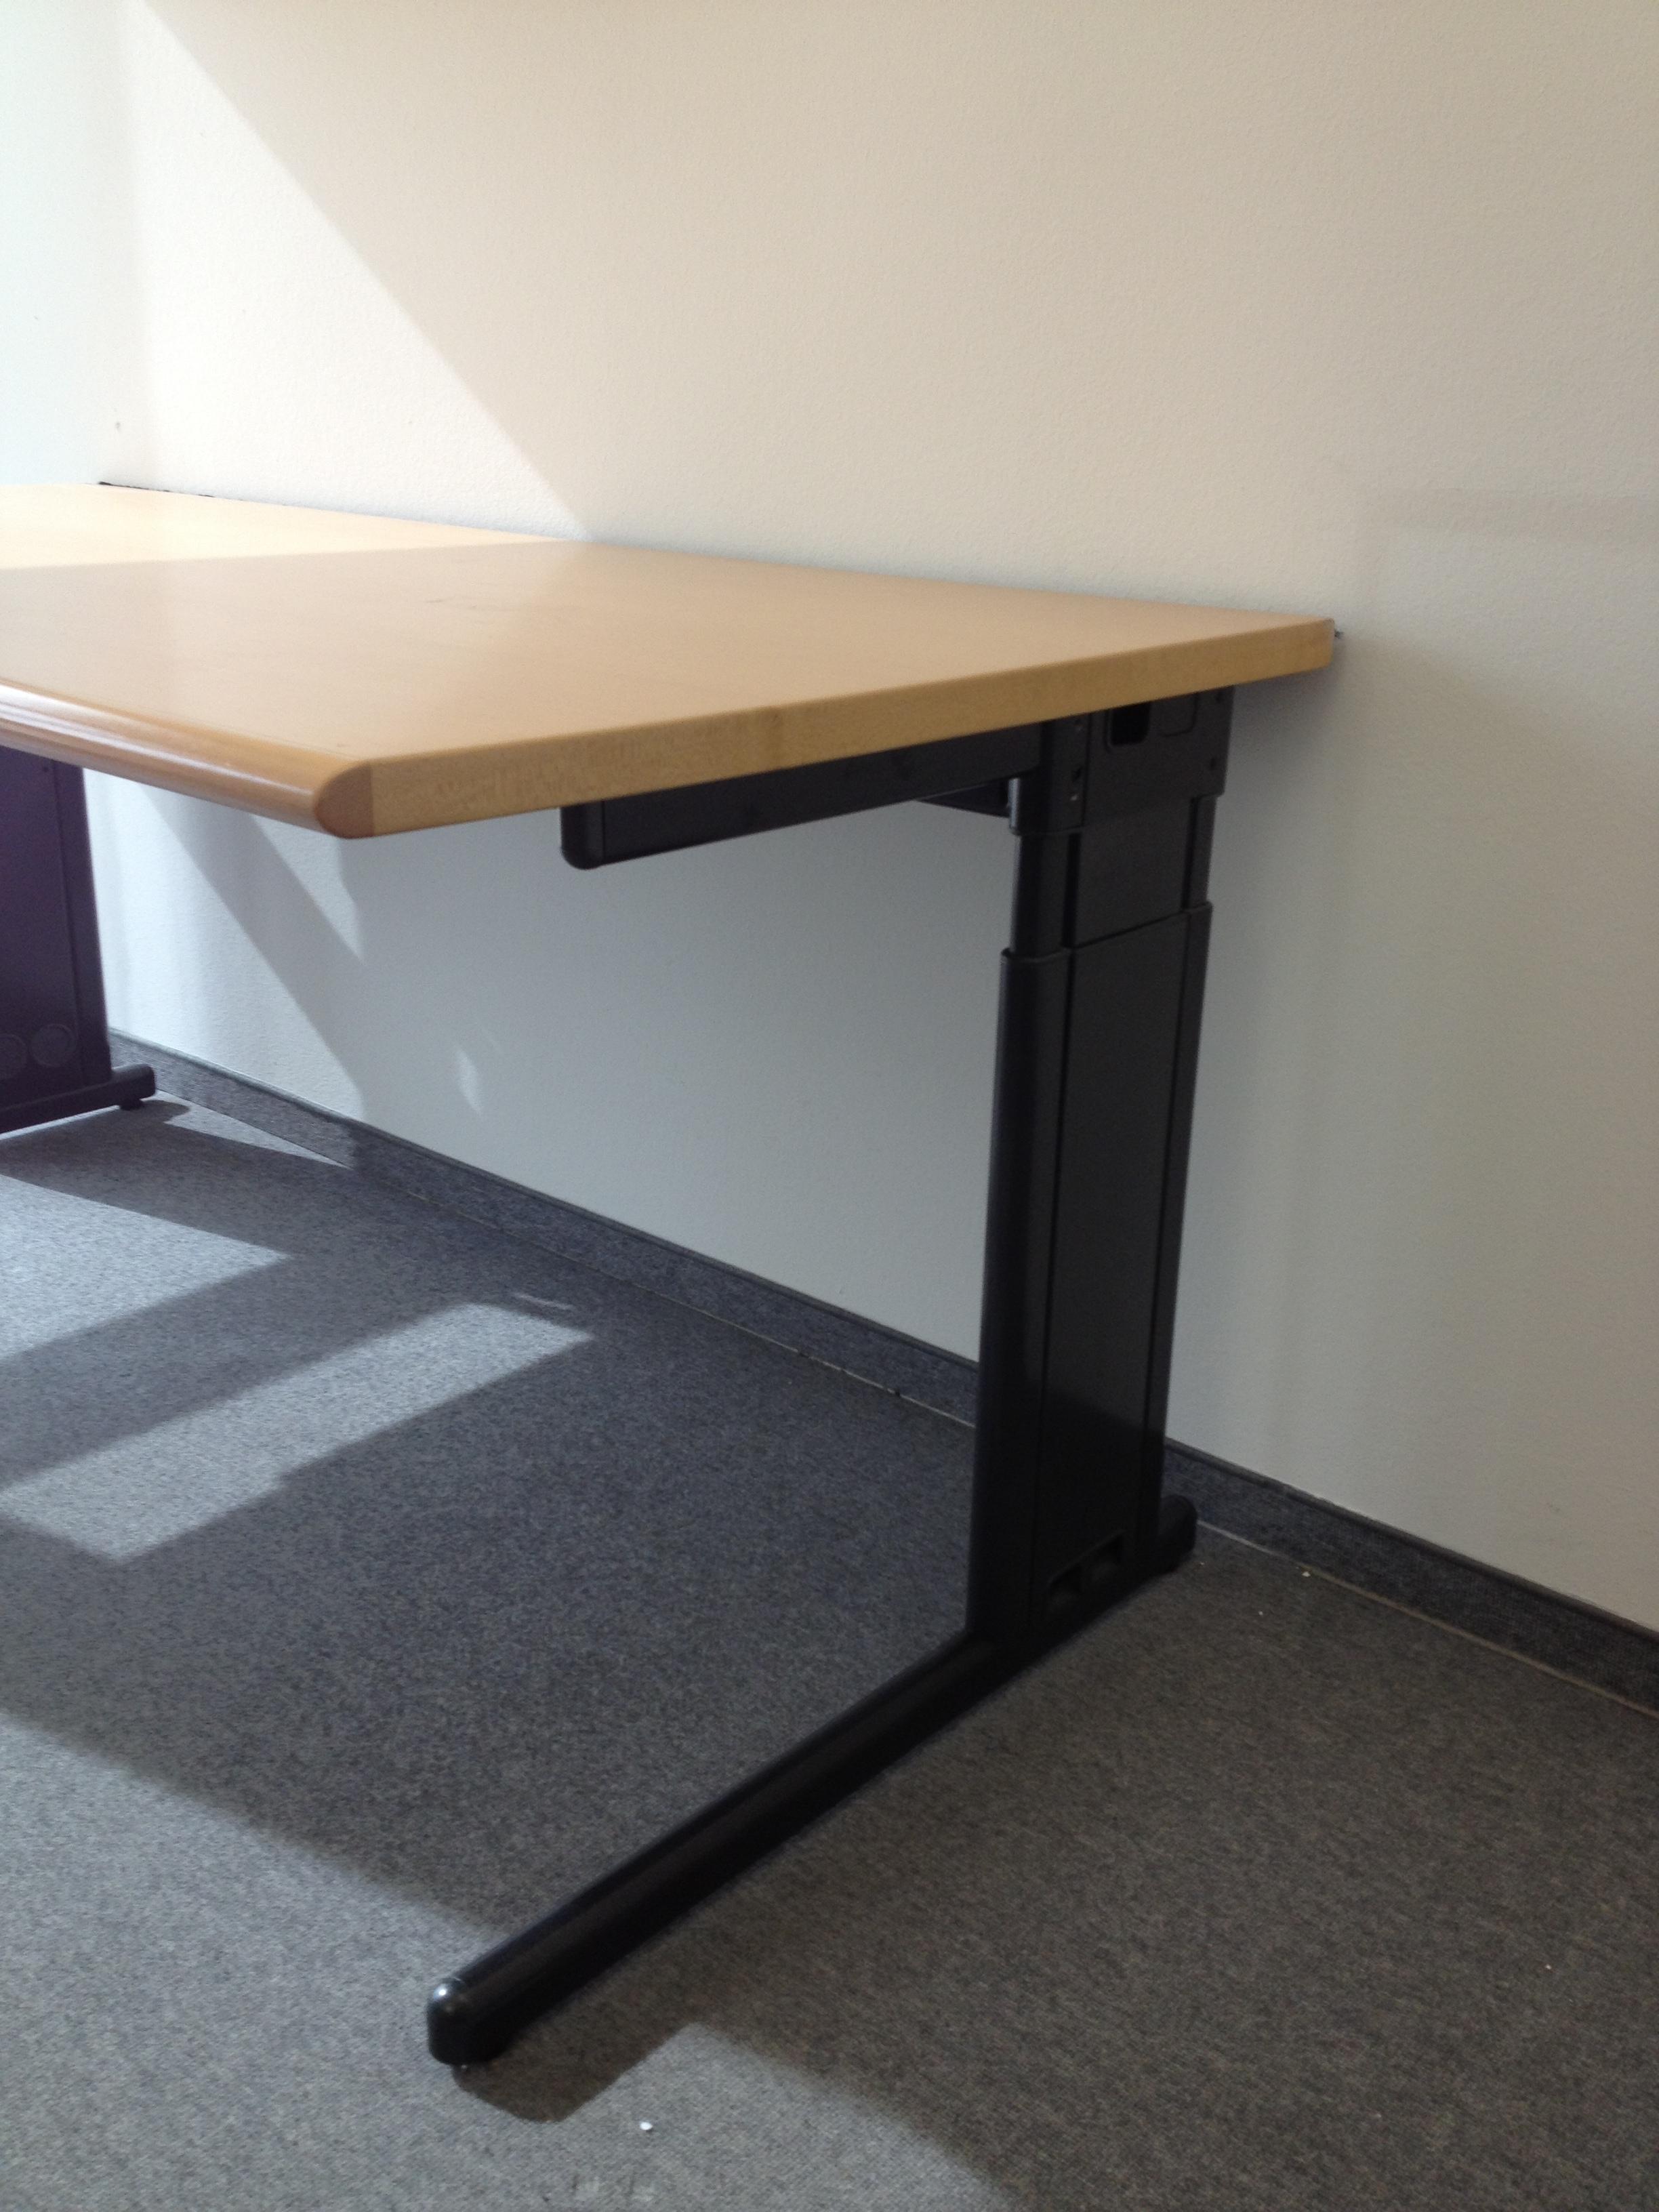 Schreibtisch 160 x 85 in ahorn schwarz von svoboda for Schreibtischplatte schwarz